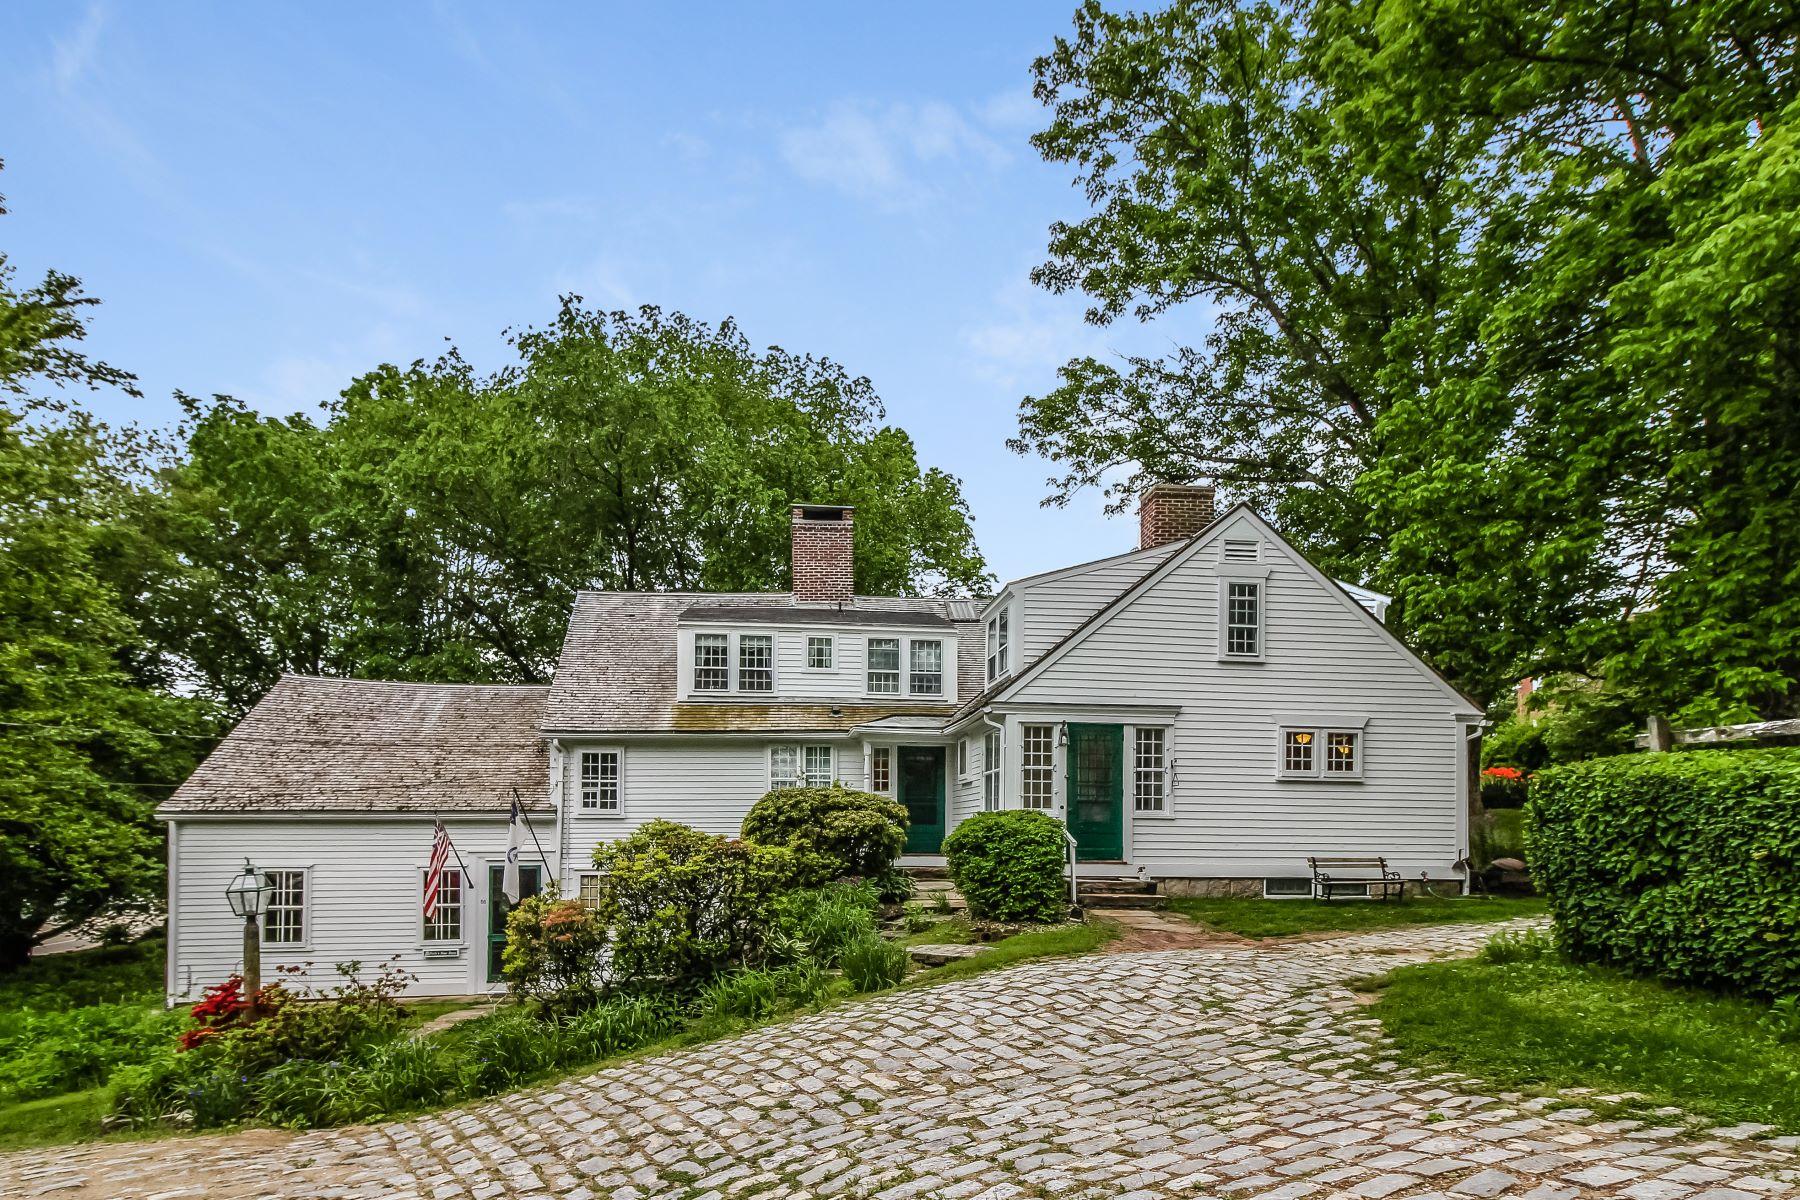 Частный односемейный дом для того Продажа на 56 Main St, Scituate, RI Scituate, Род-Айленд 02831 Соединенные Штаты